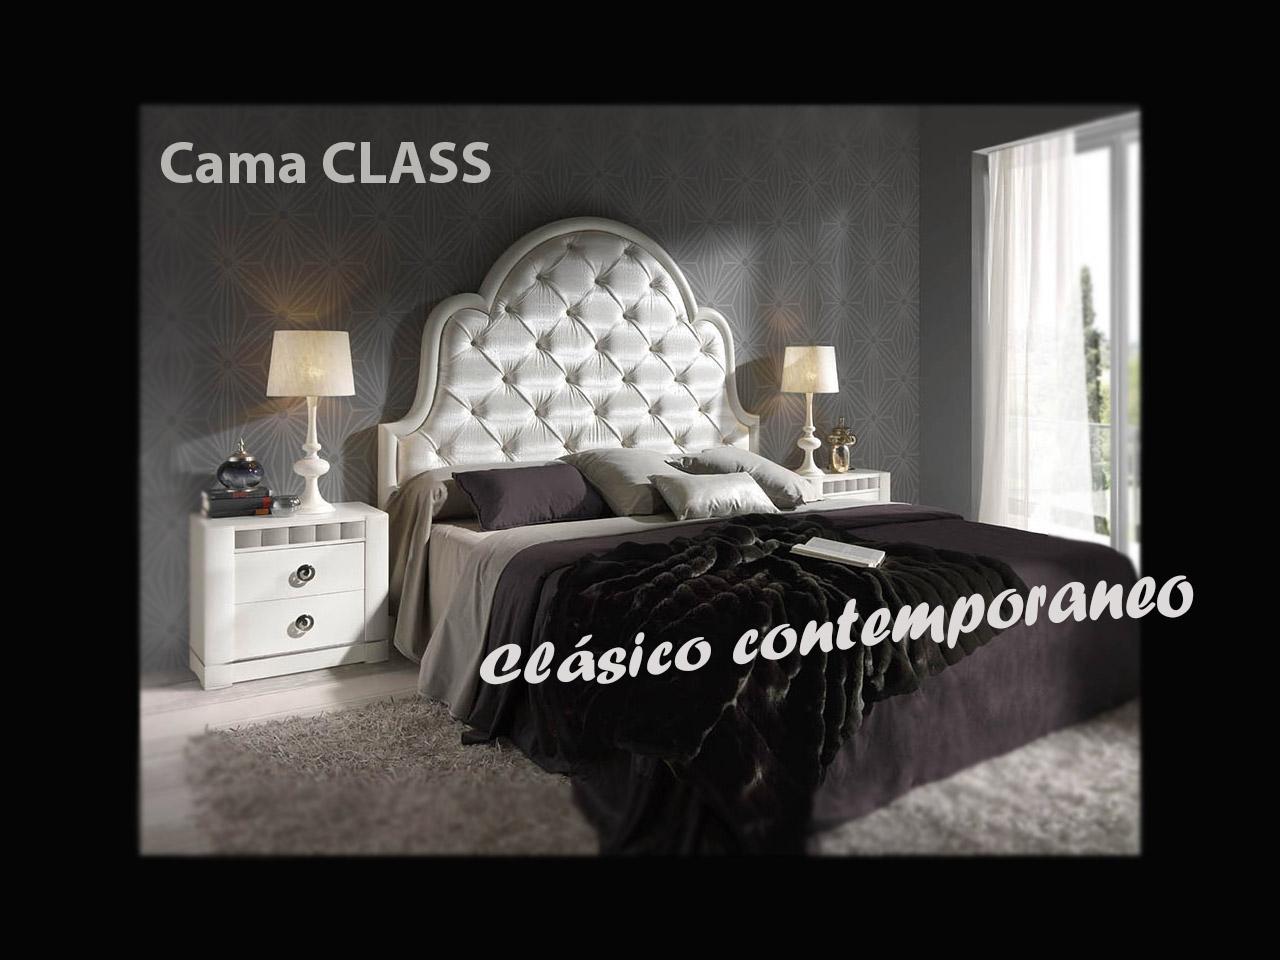 Muebles Fomento Fabricante De Muebles Contempor Neos Cl Sicos Y  # Muebles Fomento